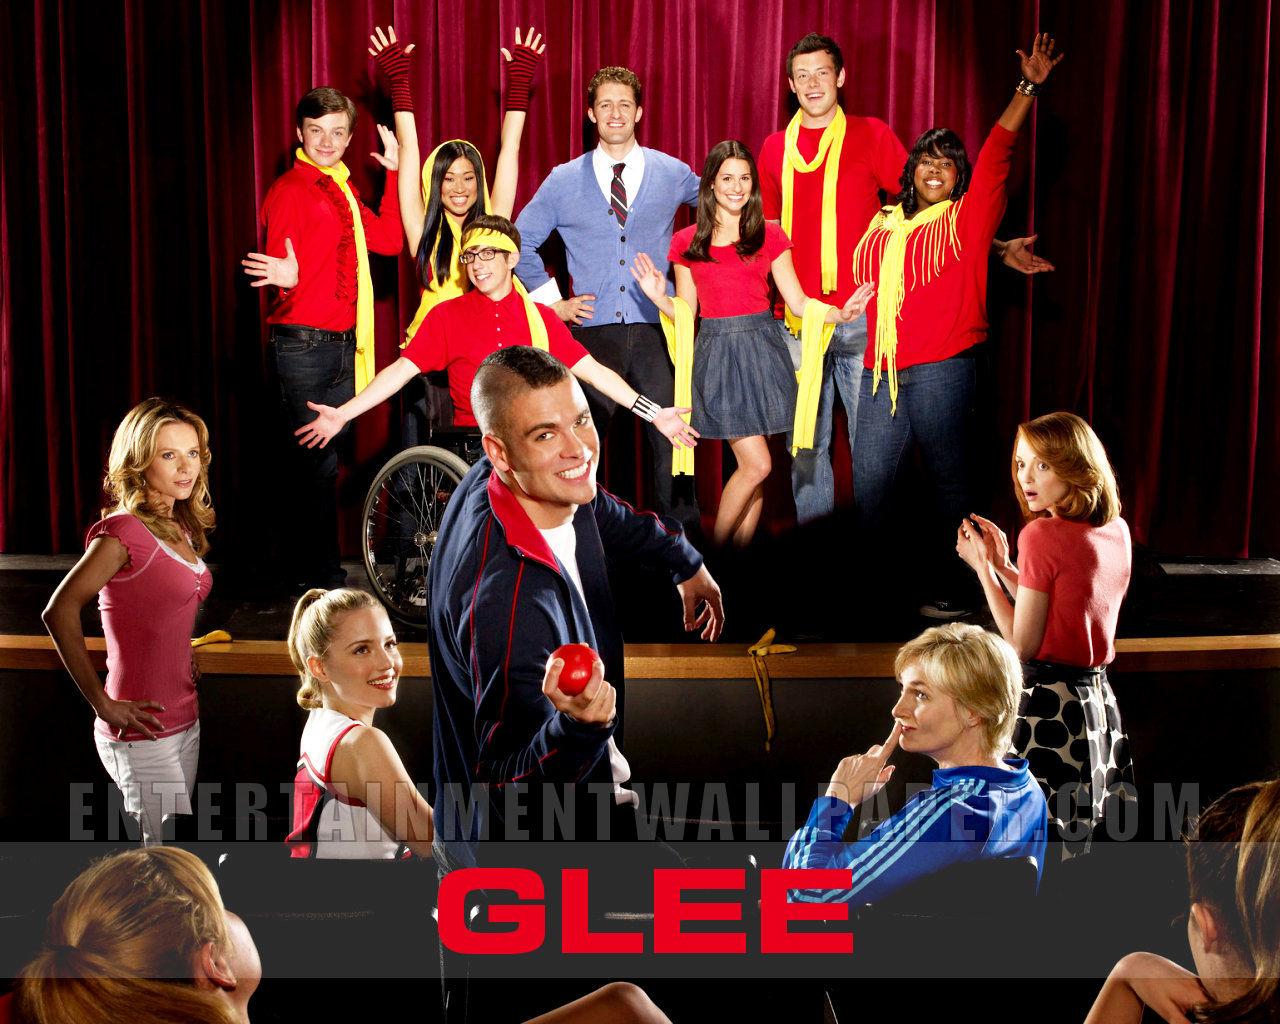 Glee finn and rachel start dating 5